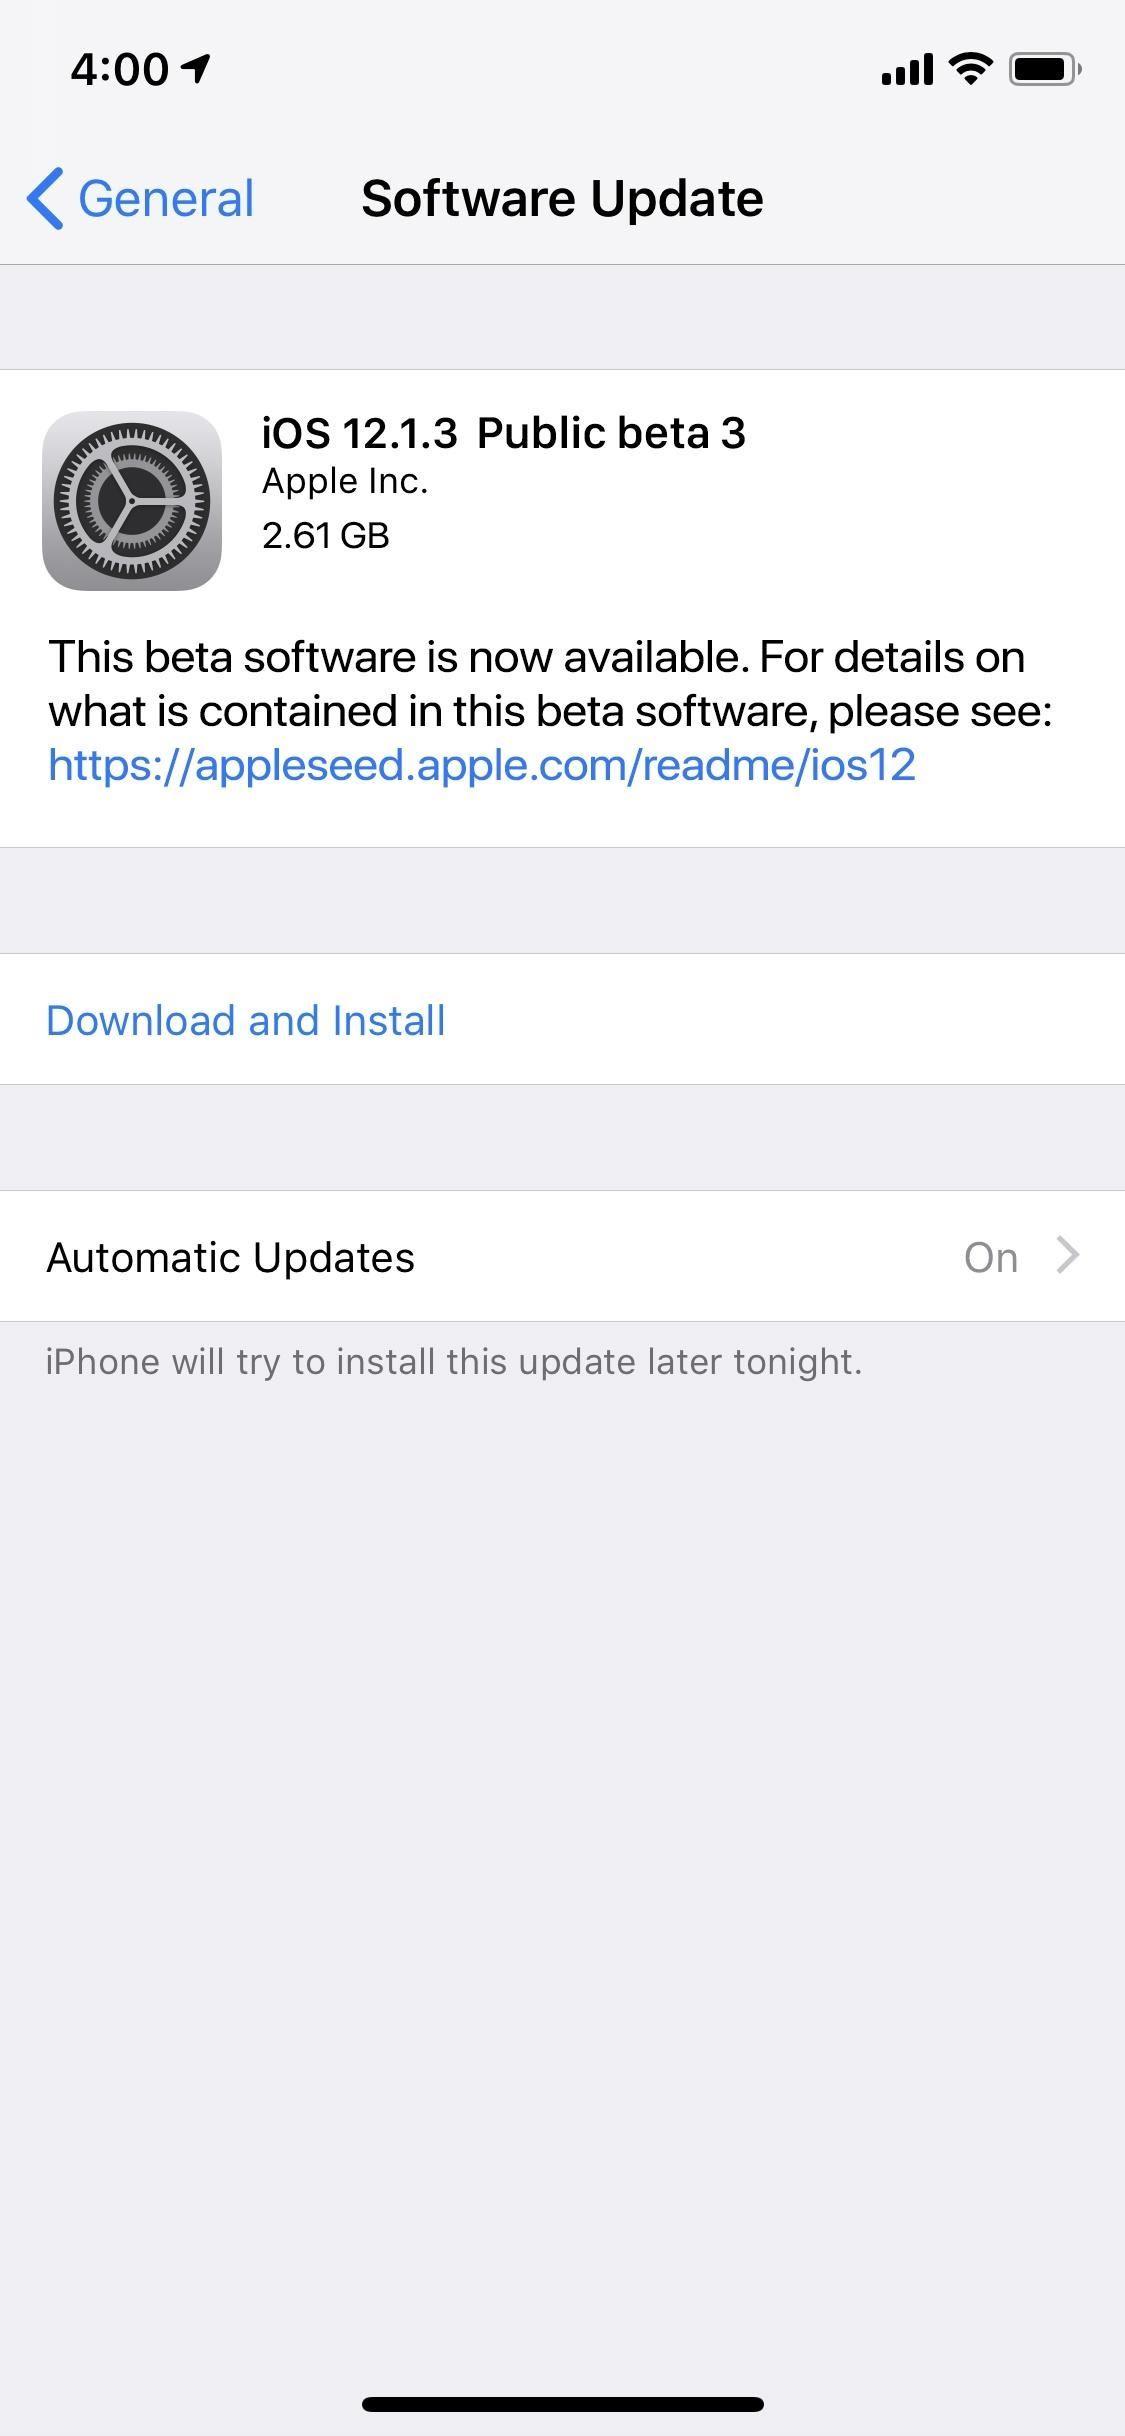 Apple has just released iOS 12.1.3 Public Beta 3 for iPhones